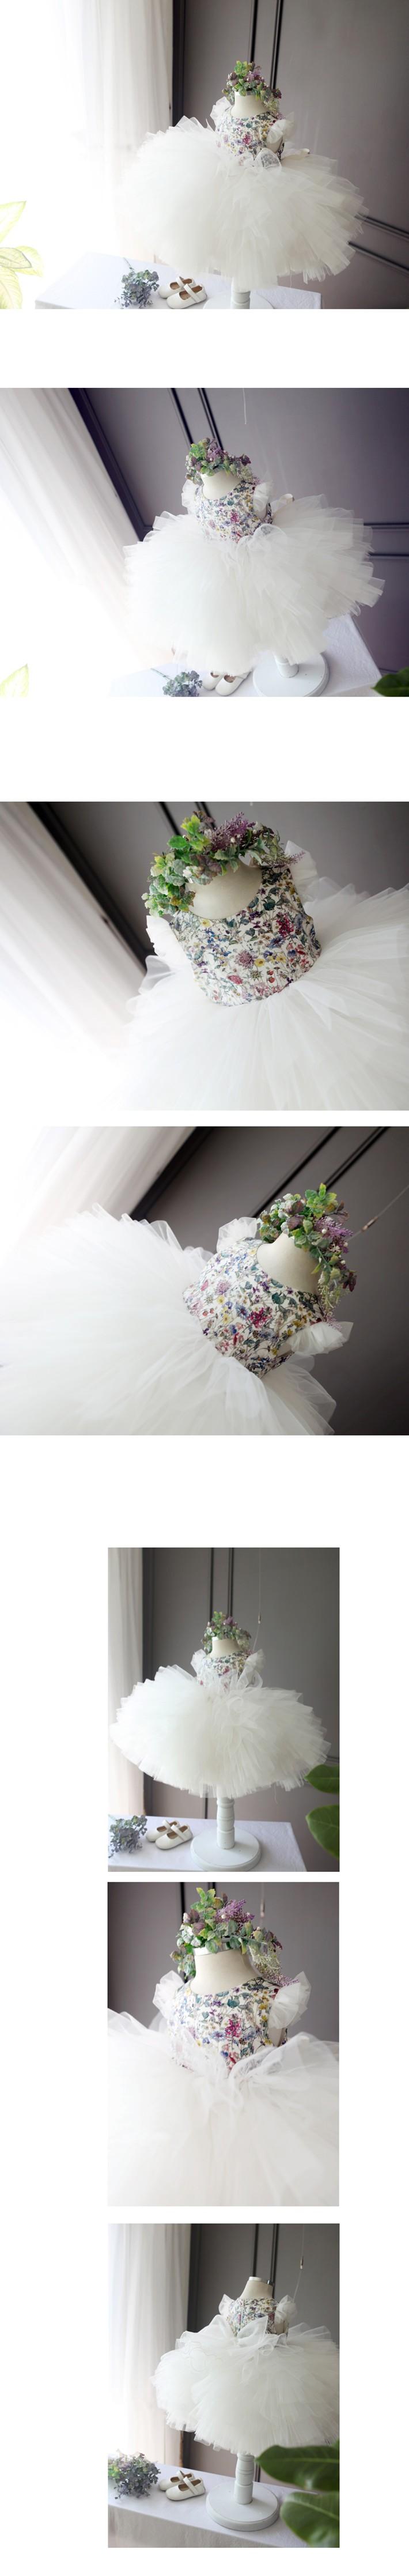 Скидки на ДЕТСКИЕ WOW Детские Платья Маленькие Девочки Платья Принцесса Бальное платье Девушки Цветка Платья для 0-2 Т Ребенка одежда 80217